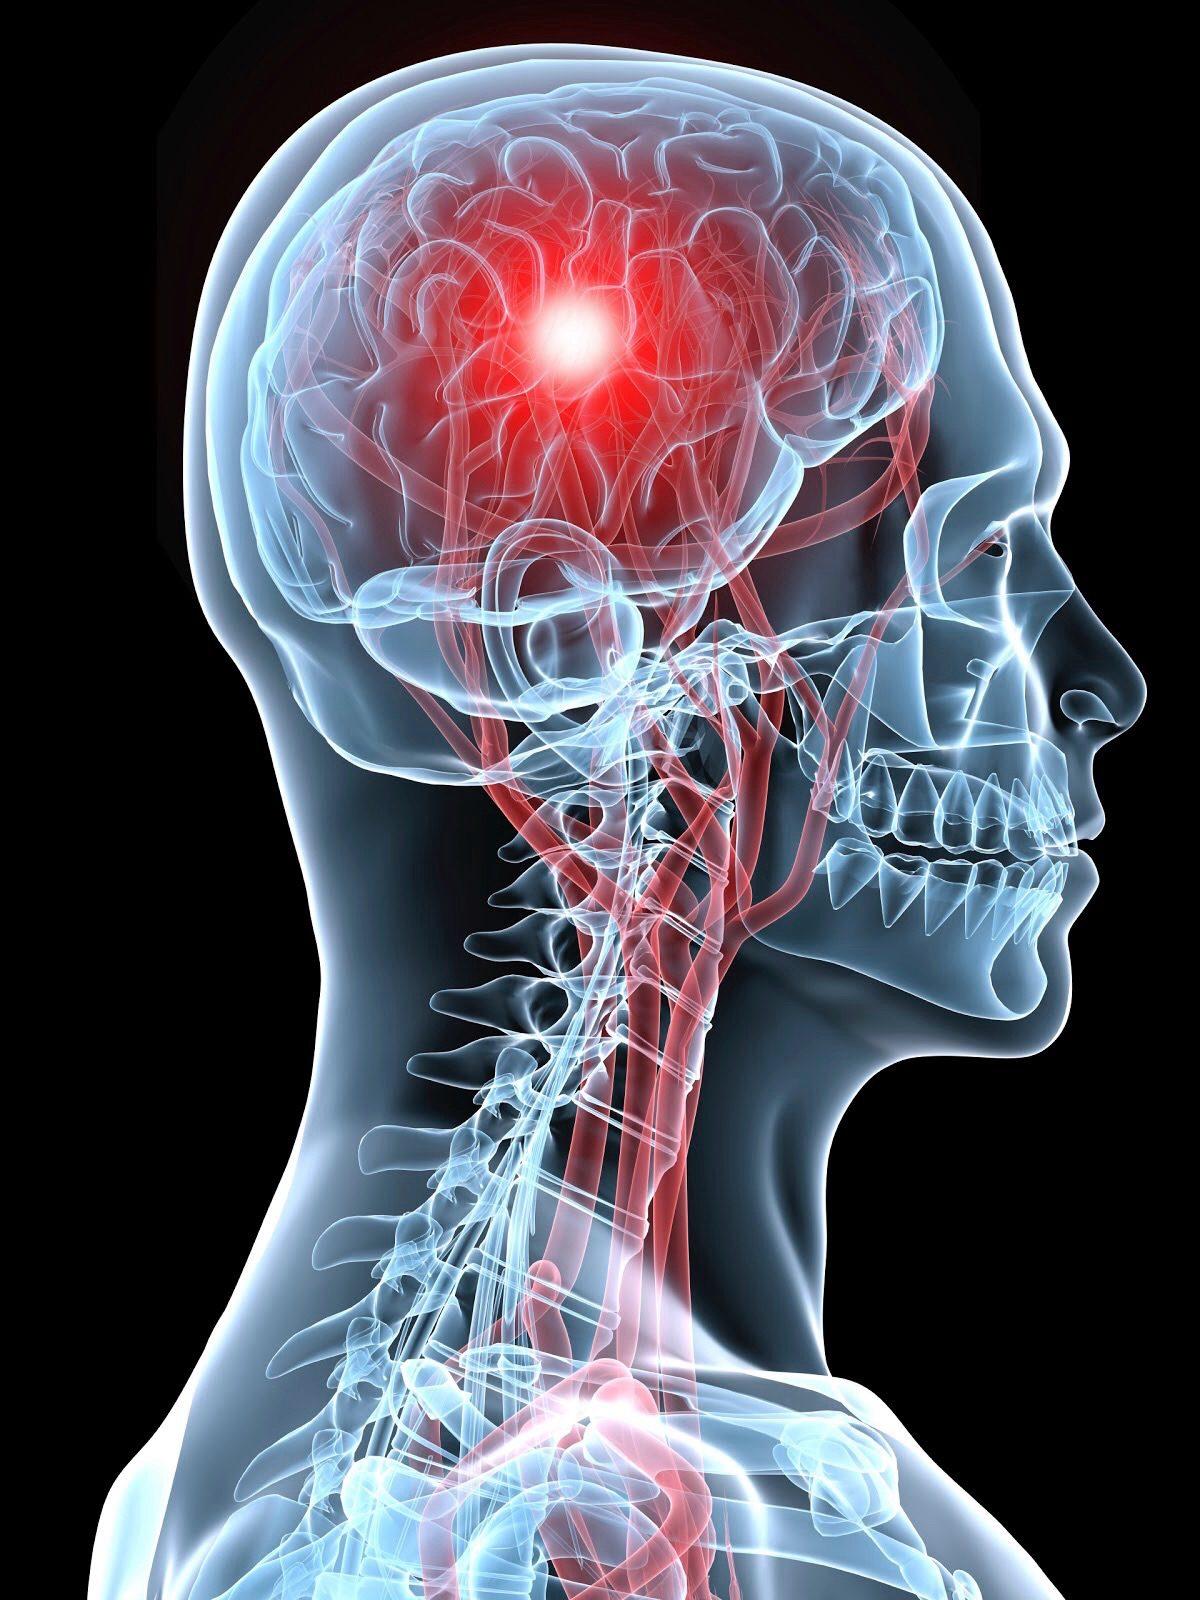 السكته الدماغيه وماتعرفه عن الجلطة الدماغيه ونزيف المخ